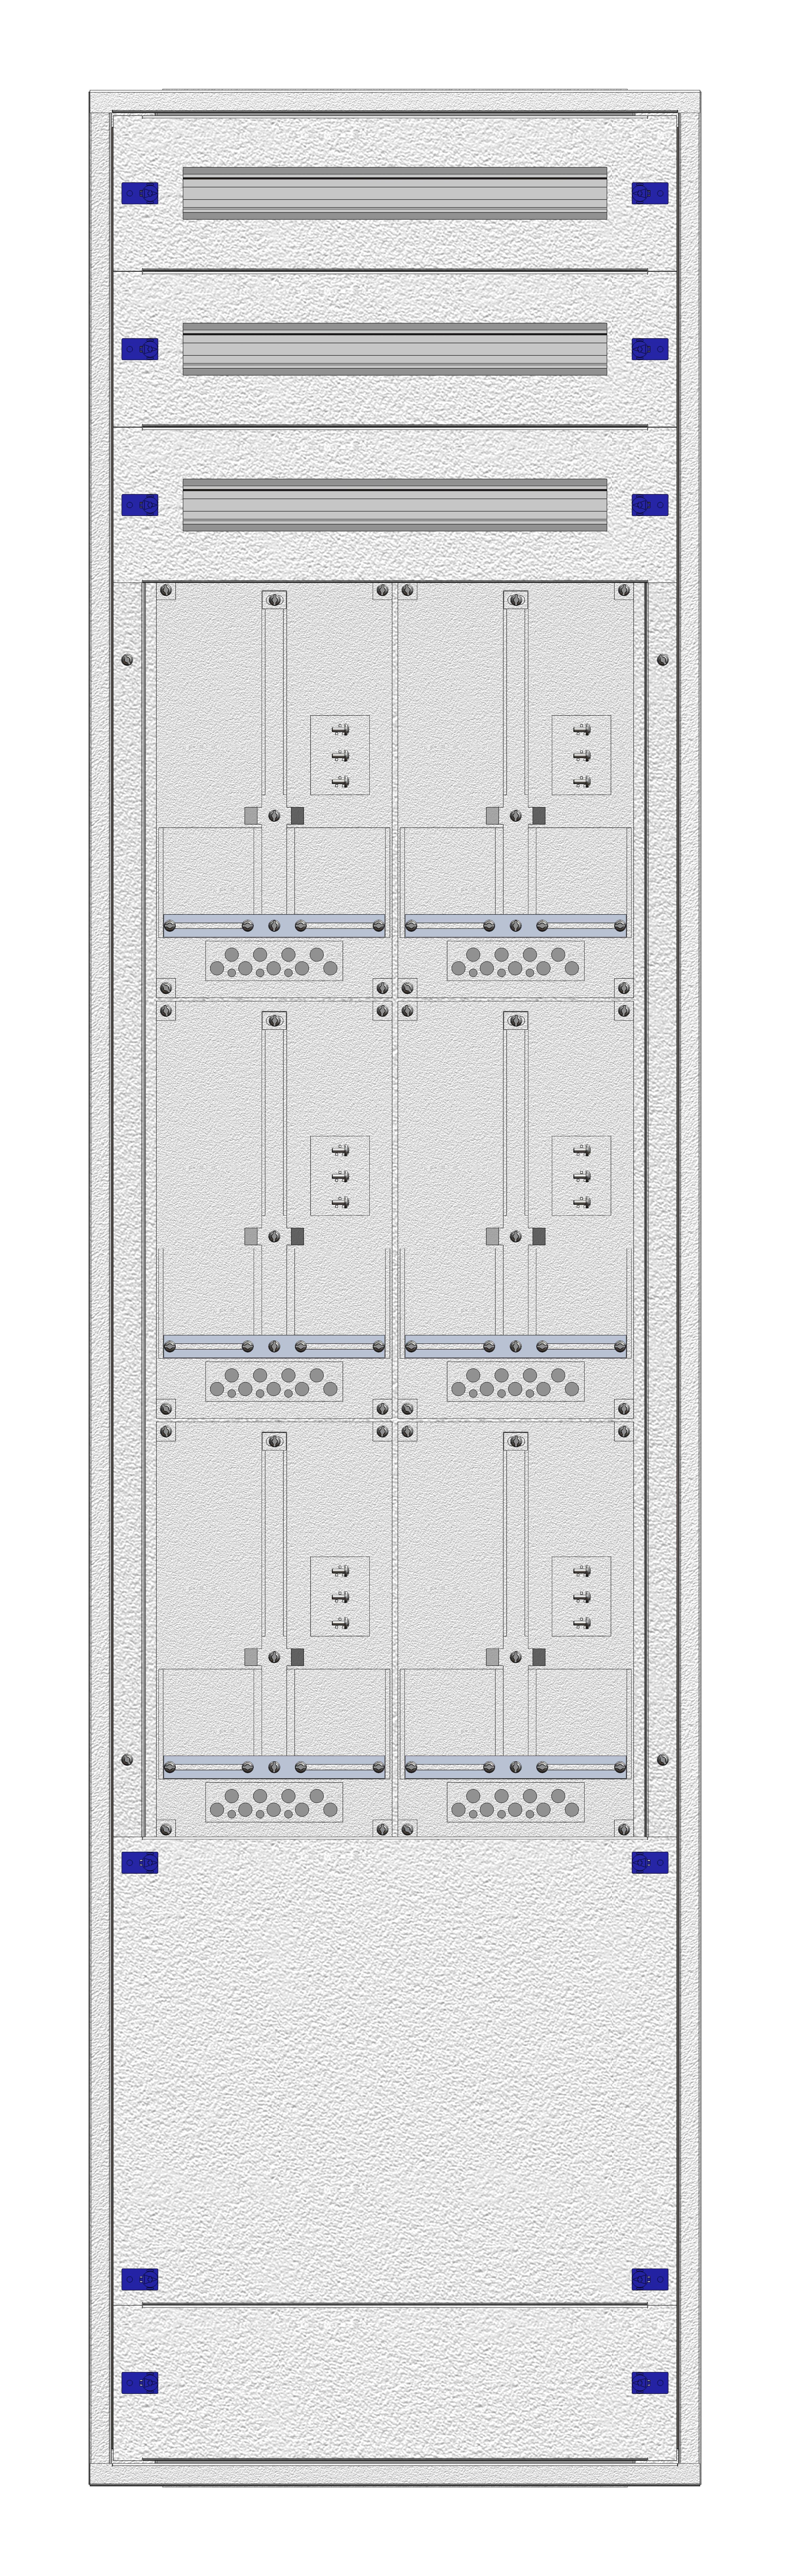 1 Stk Masken-Zählerverteiler 2M-45M/WIEN 6ZP, H2130B540T200mm IL122245WS